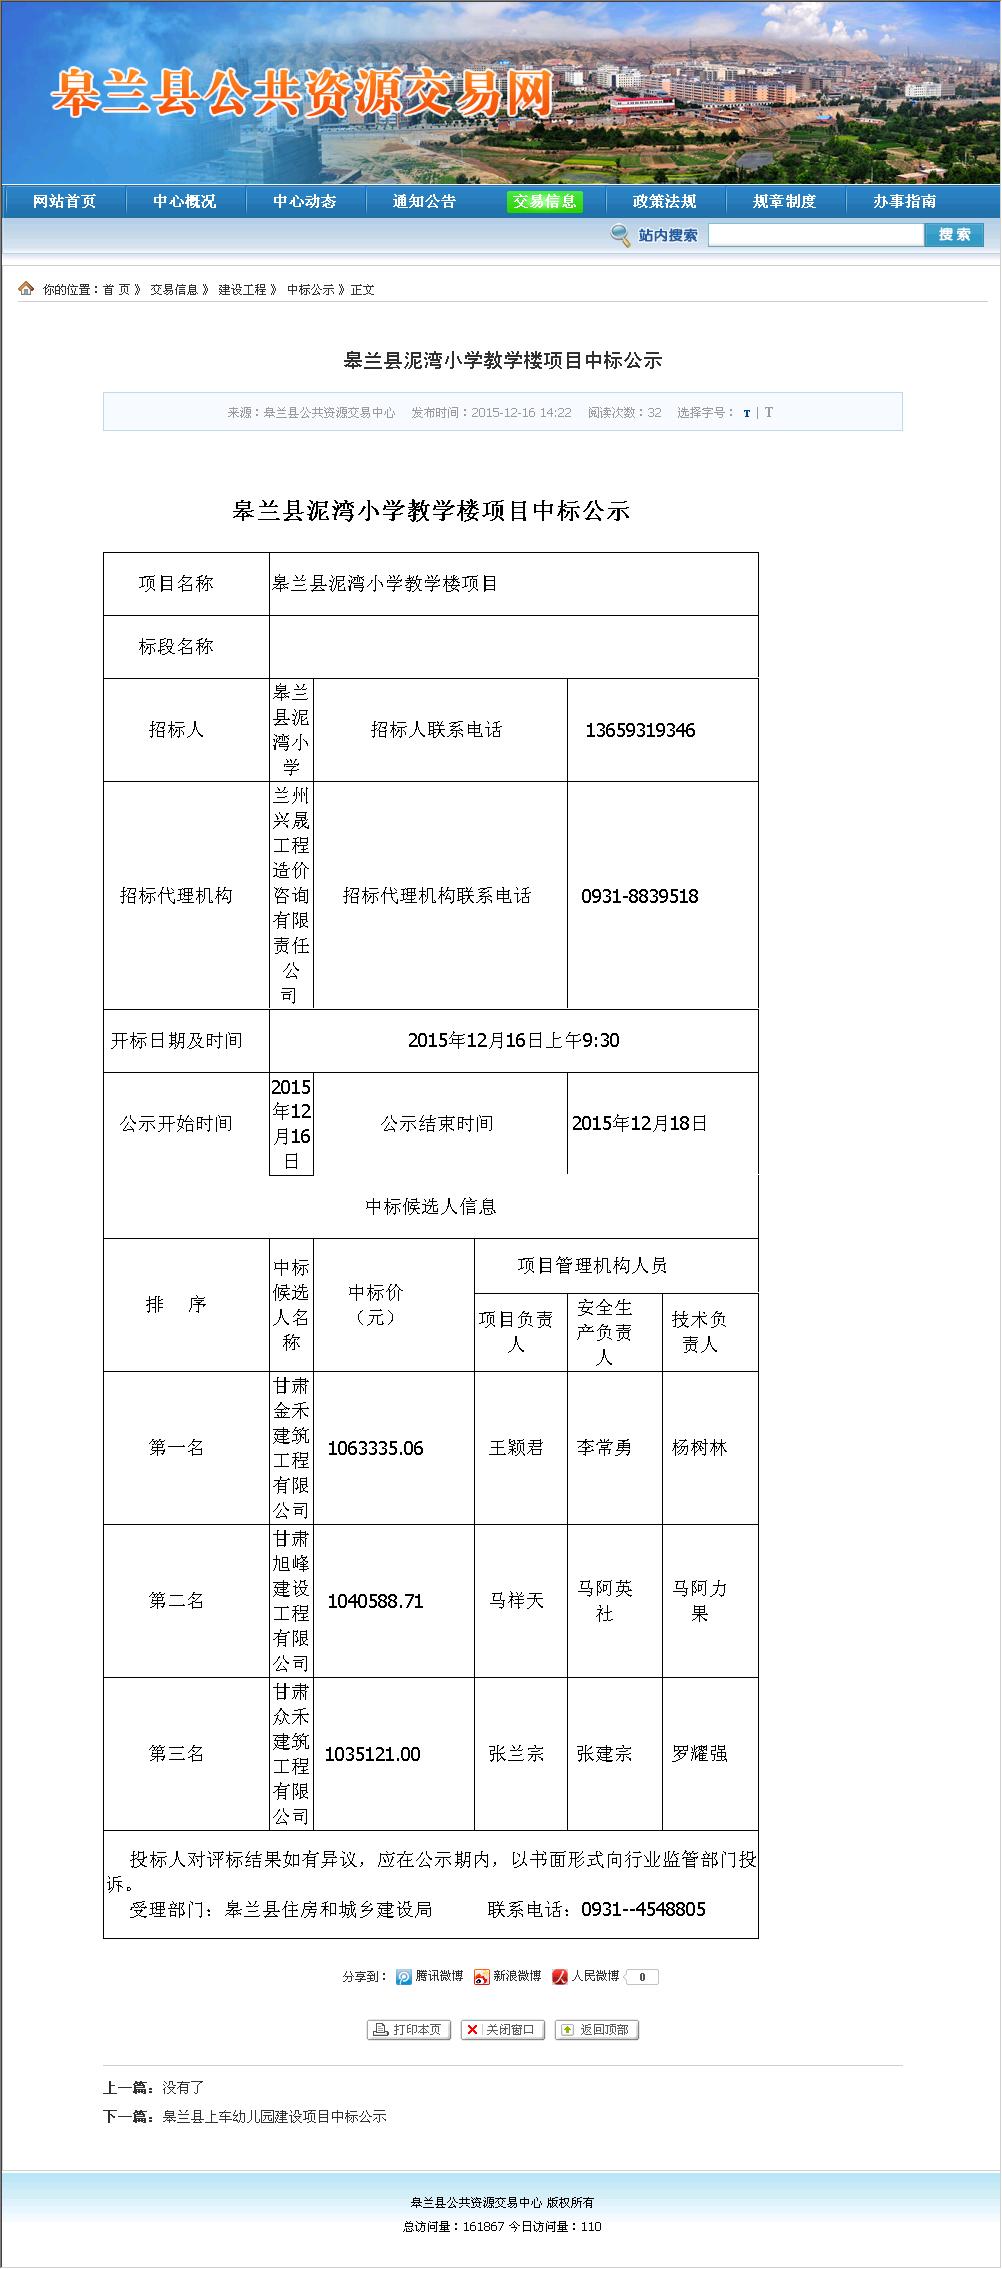 甘肃金禾建筑工程皋兰县泥湾小学教湖南农村房屋建筑设计公司图片